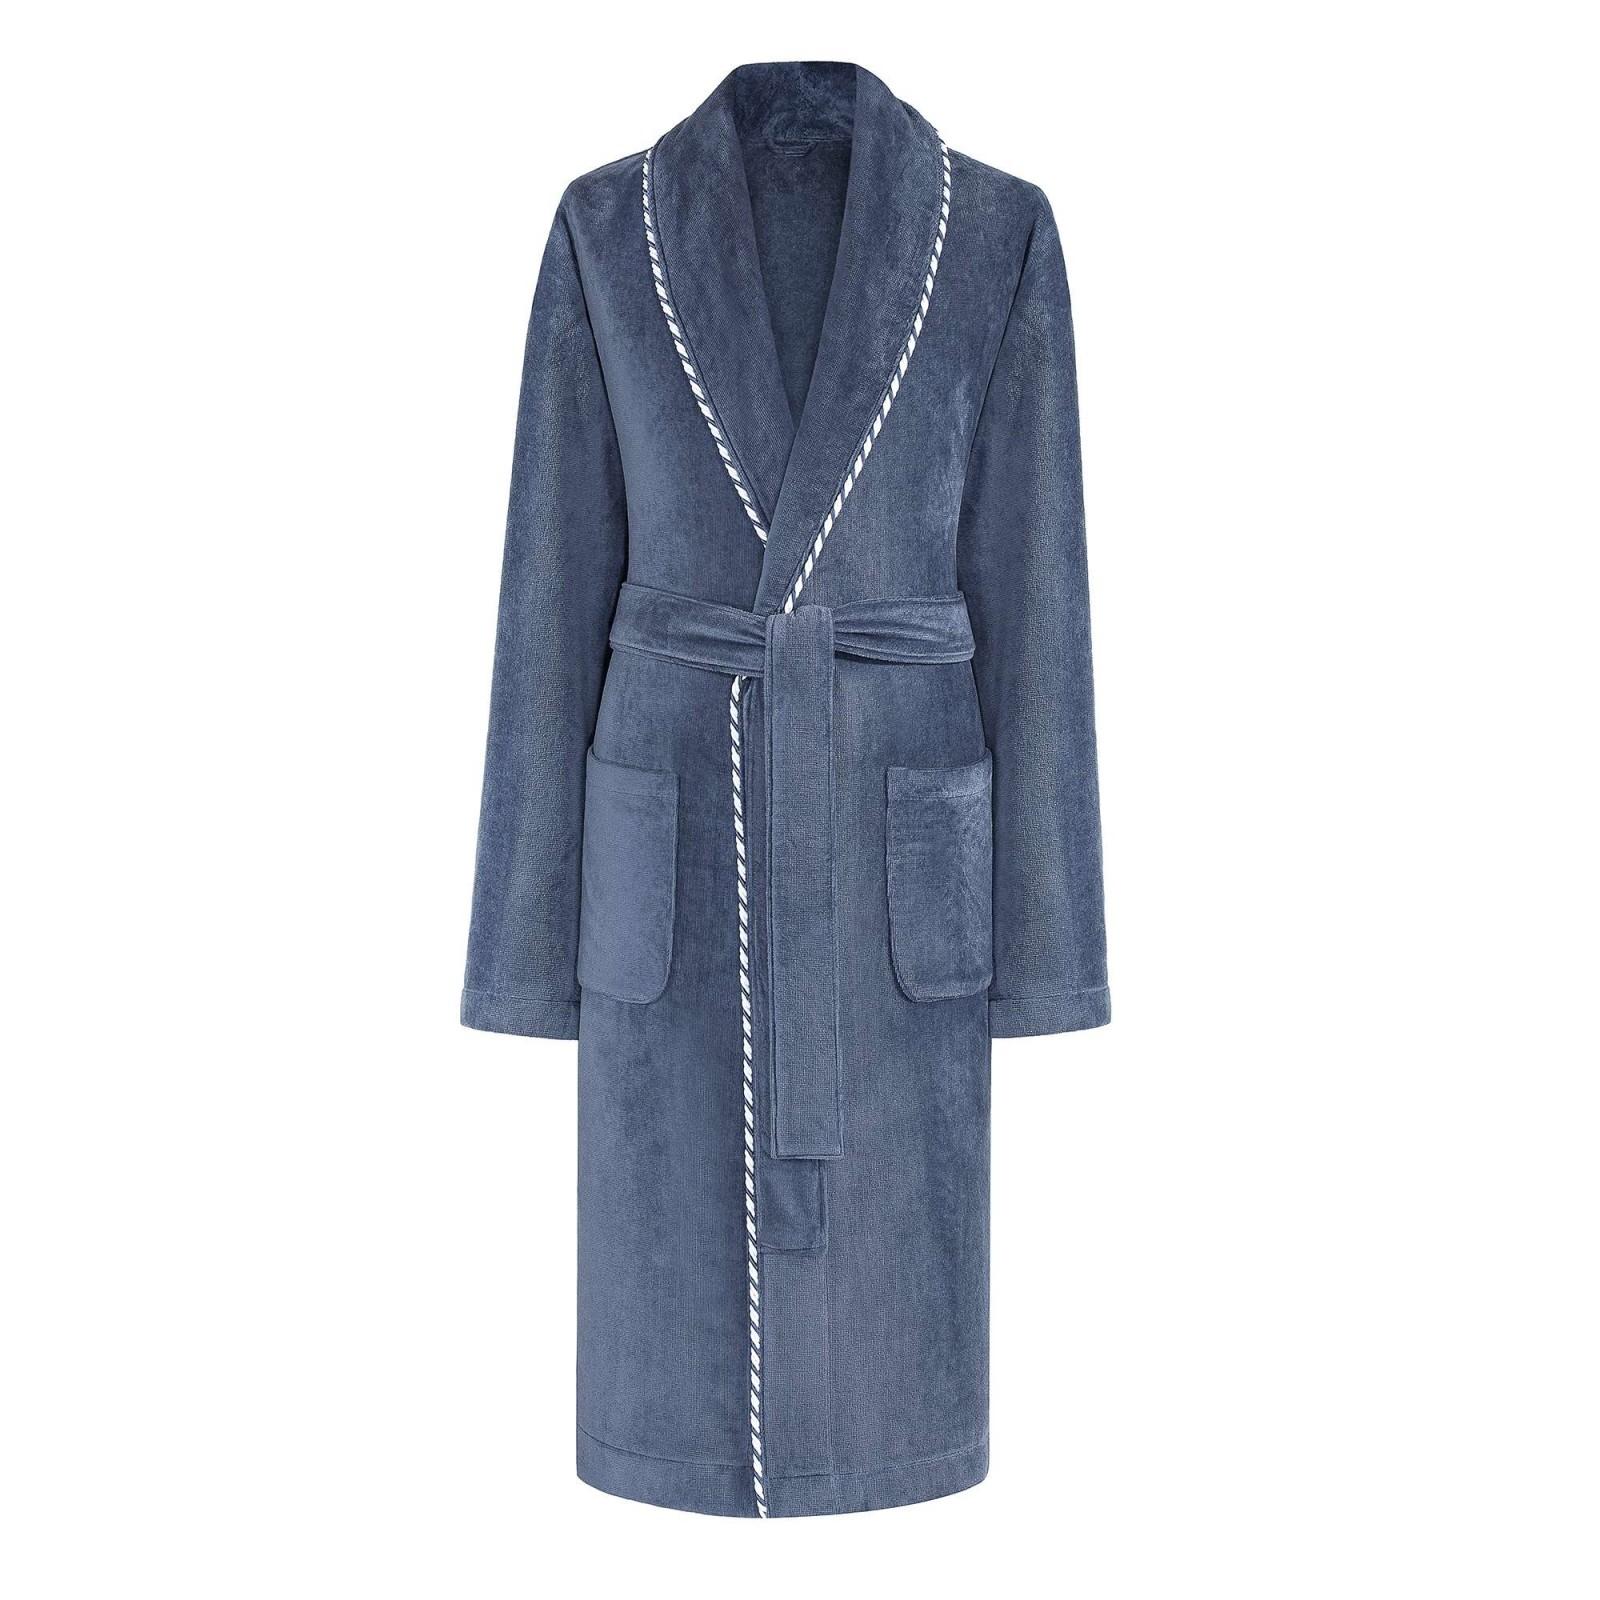 Сауны, бани и оборудование Togas Халат Роберт Цвет: Синий (L) togas халат мужской конолли